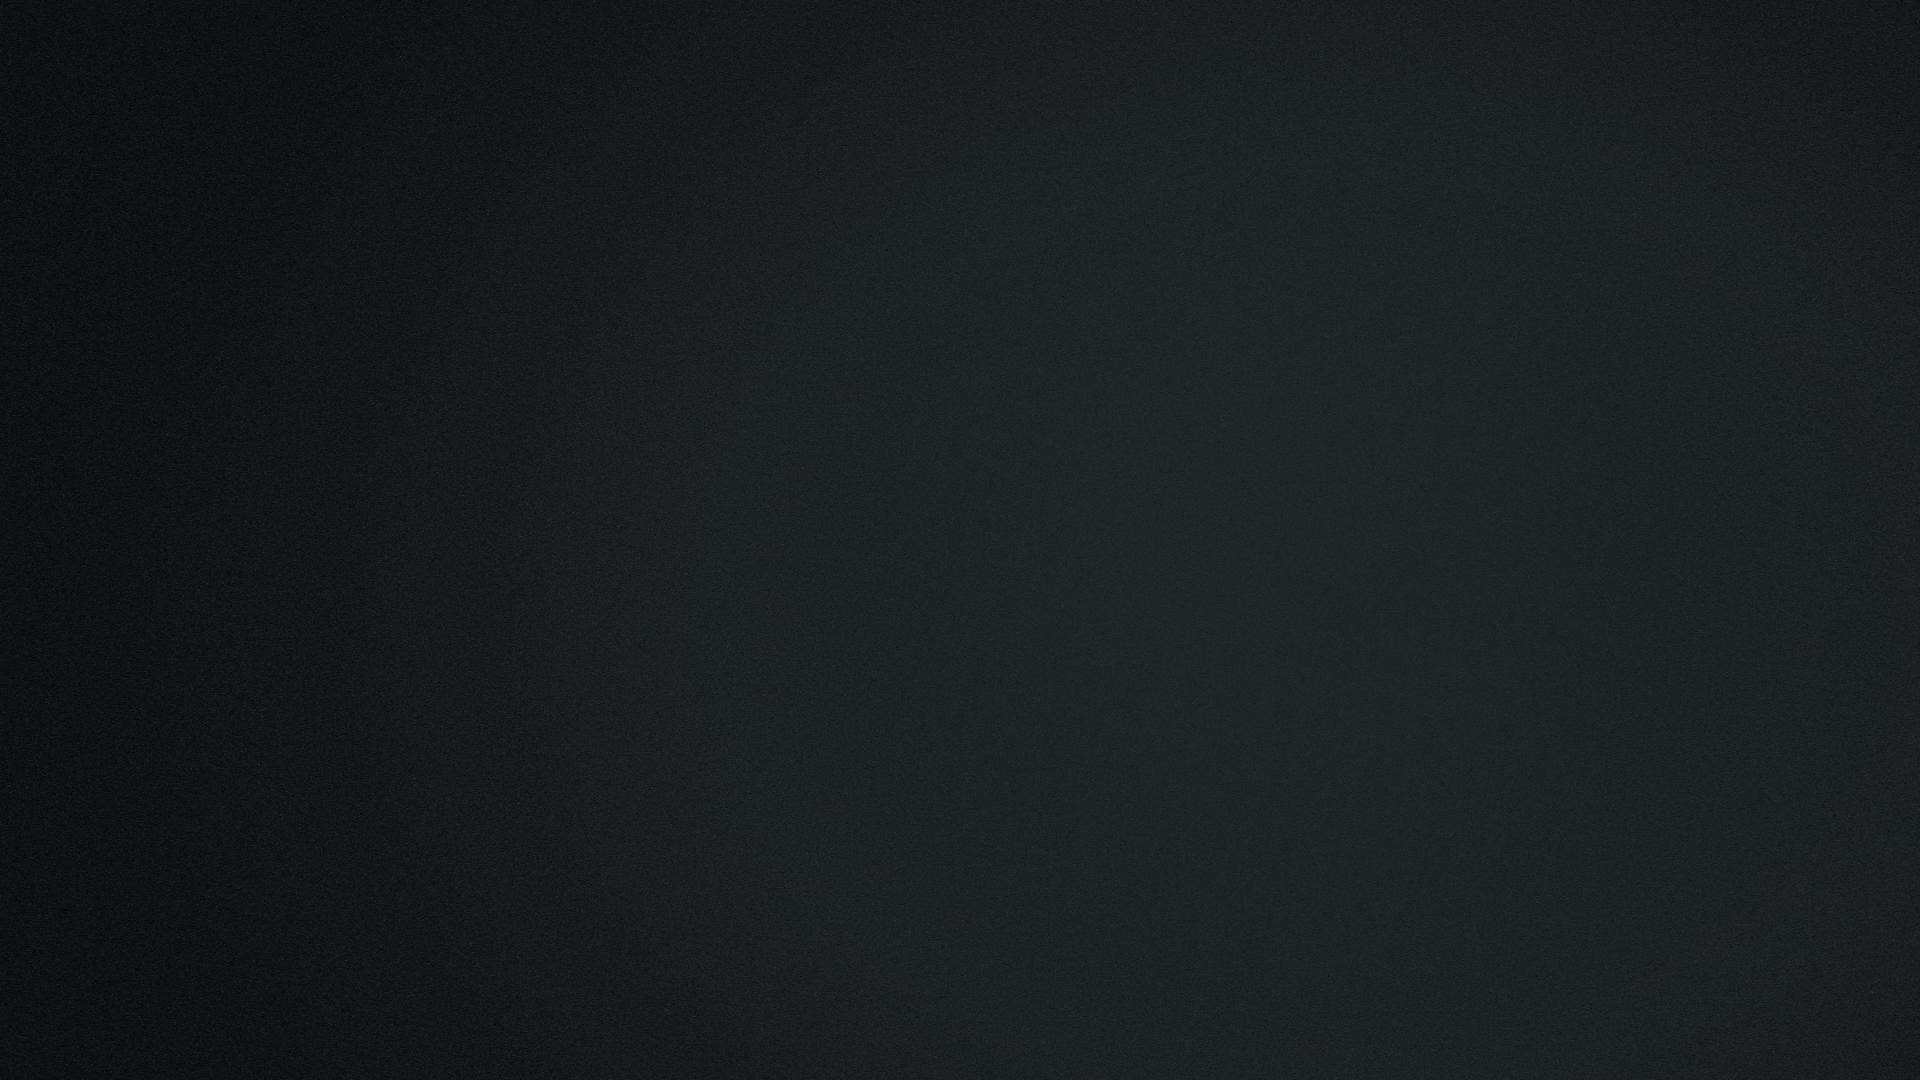 Daftar Blank Wallpaper Black Hd Download Kumpulan Wallpaper Iphone